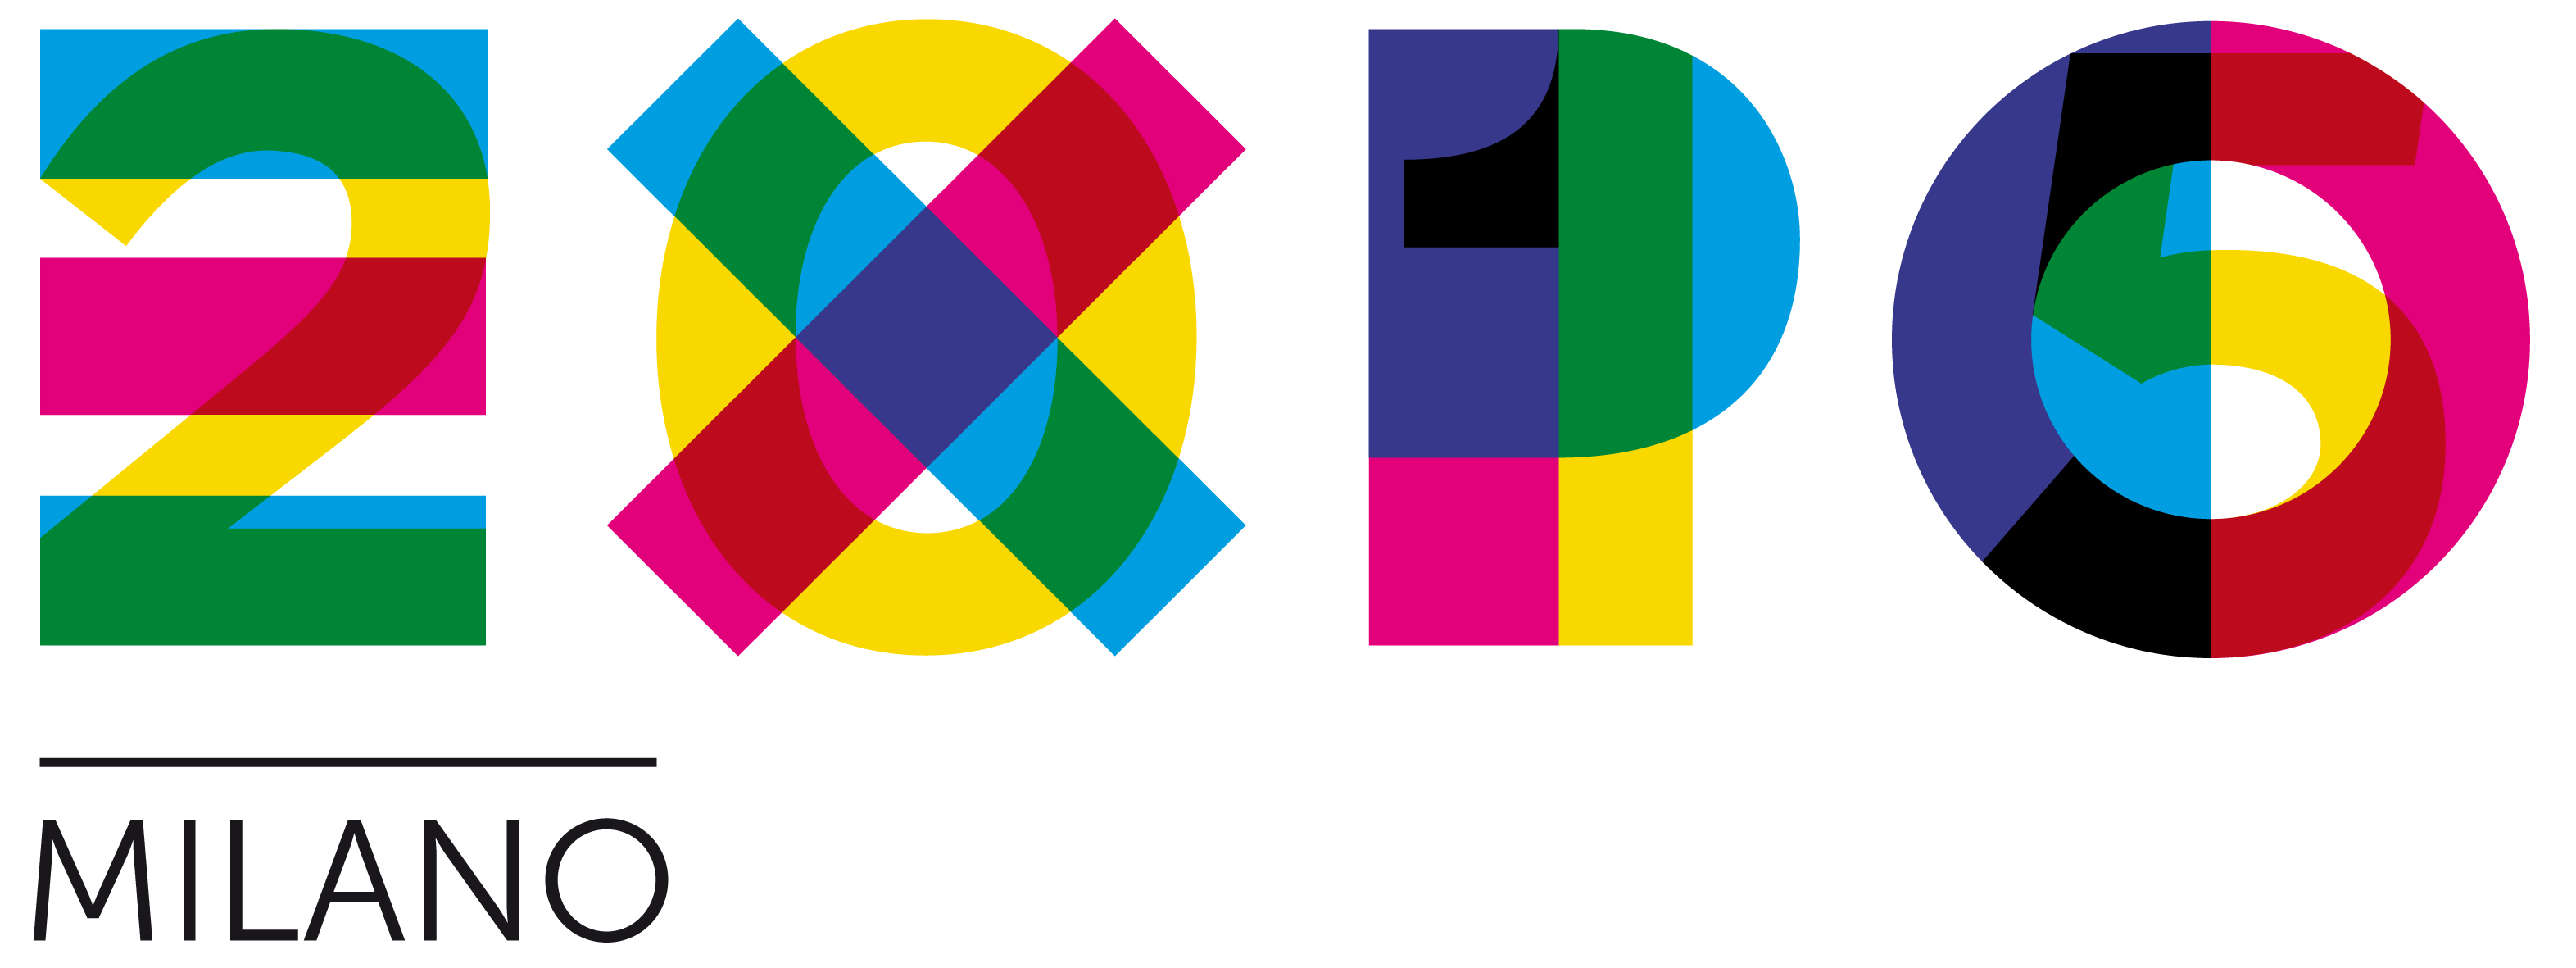 L'Expo 2015 e la Carta di Milano